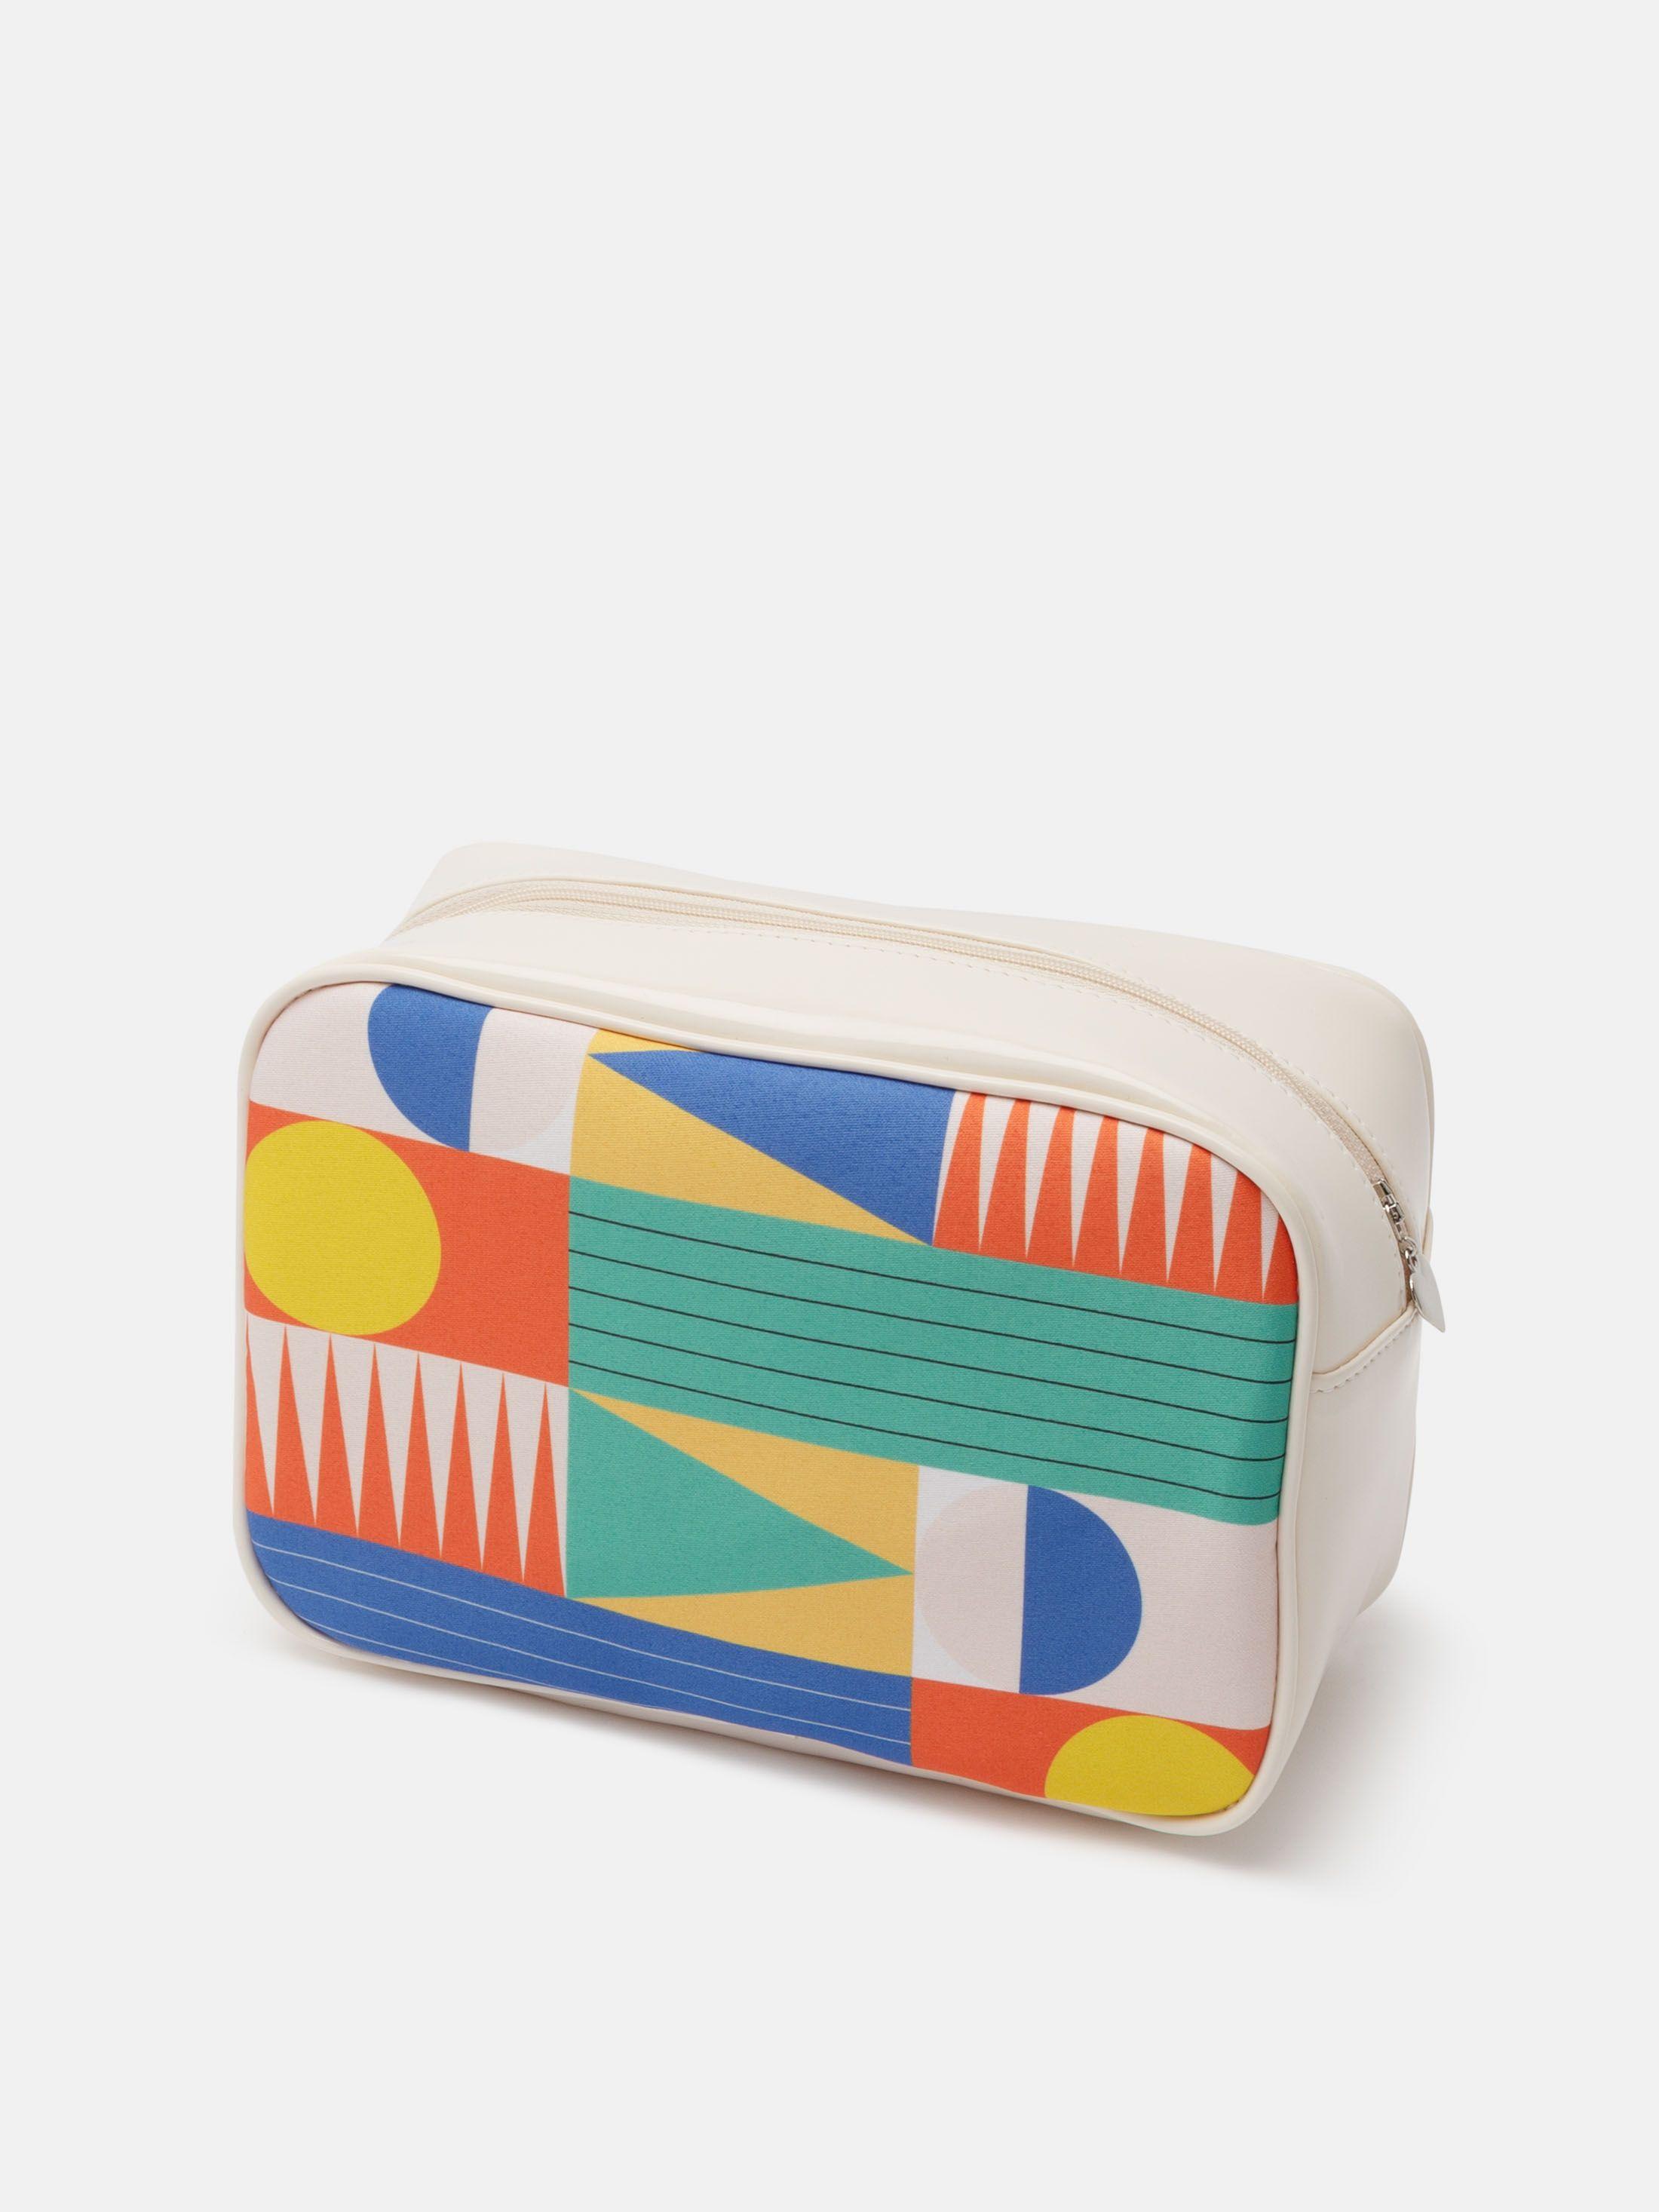 オリジナルデザイン 印刷 ウォッシュバッグを作成